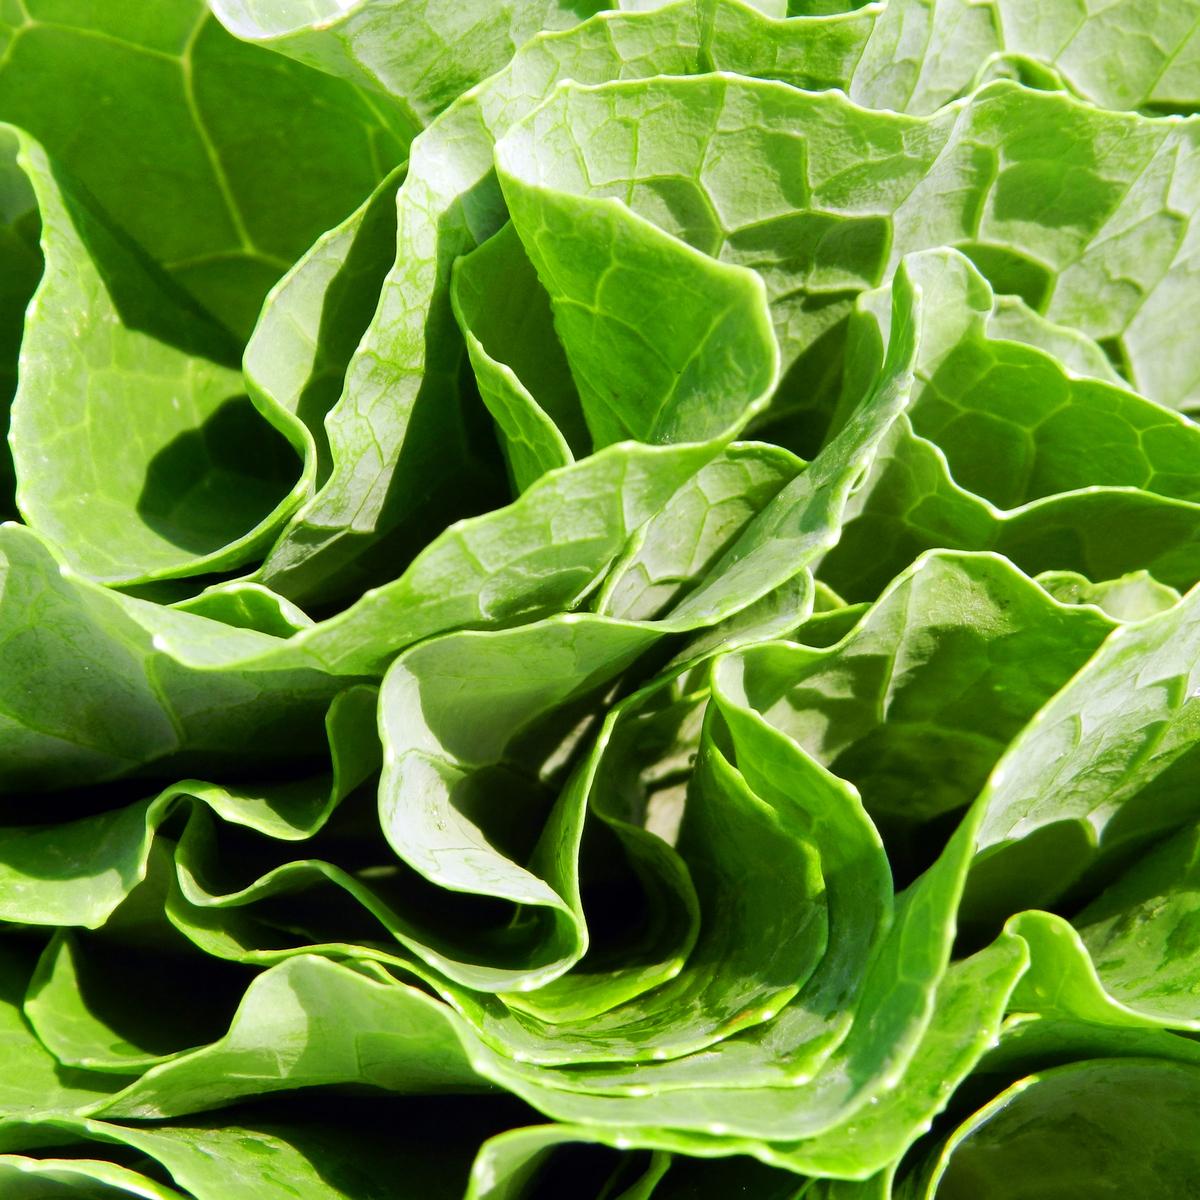 Vegetais verdes são fontes de ácido fólico